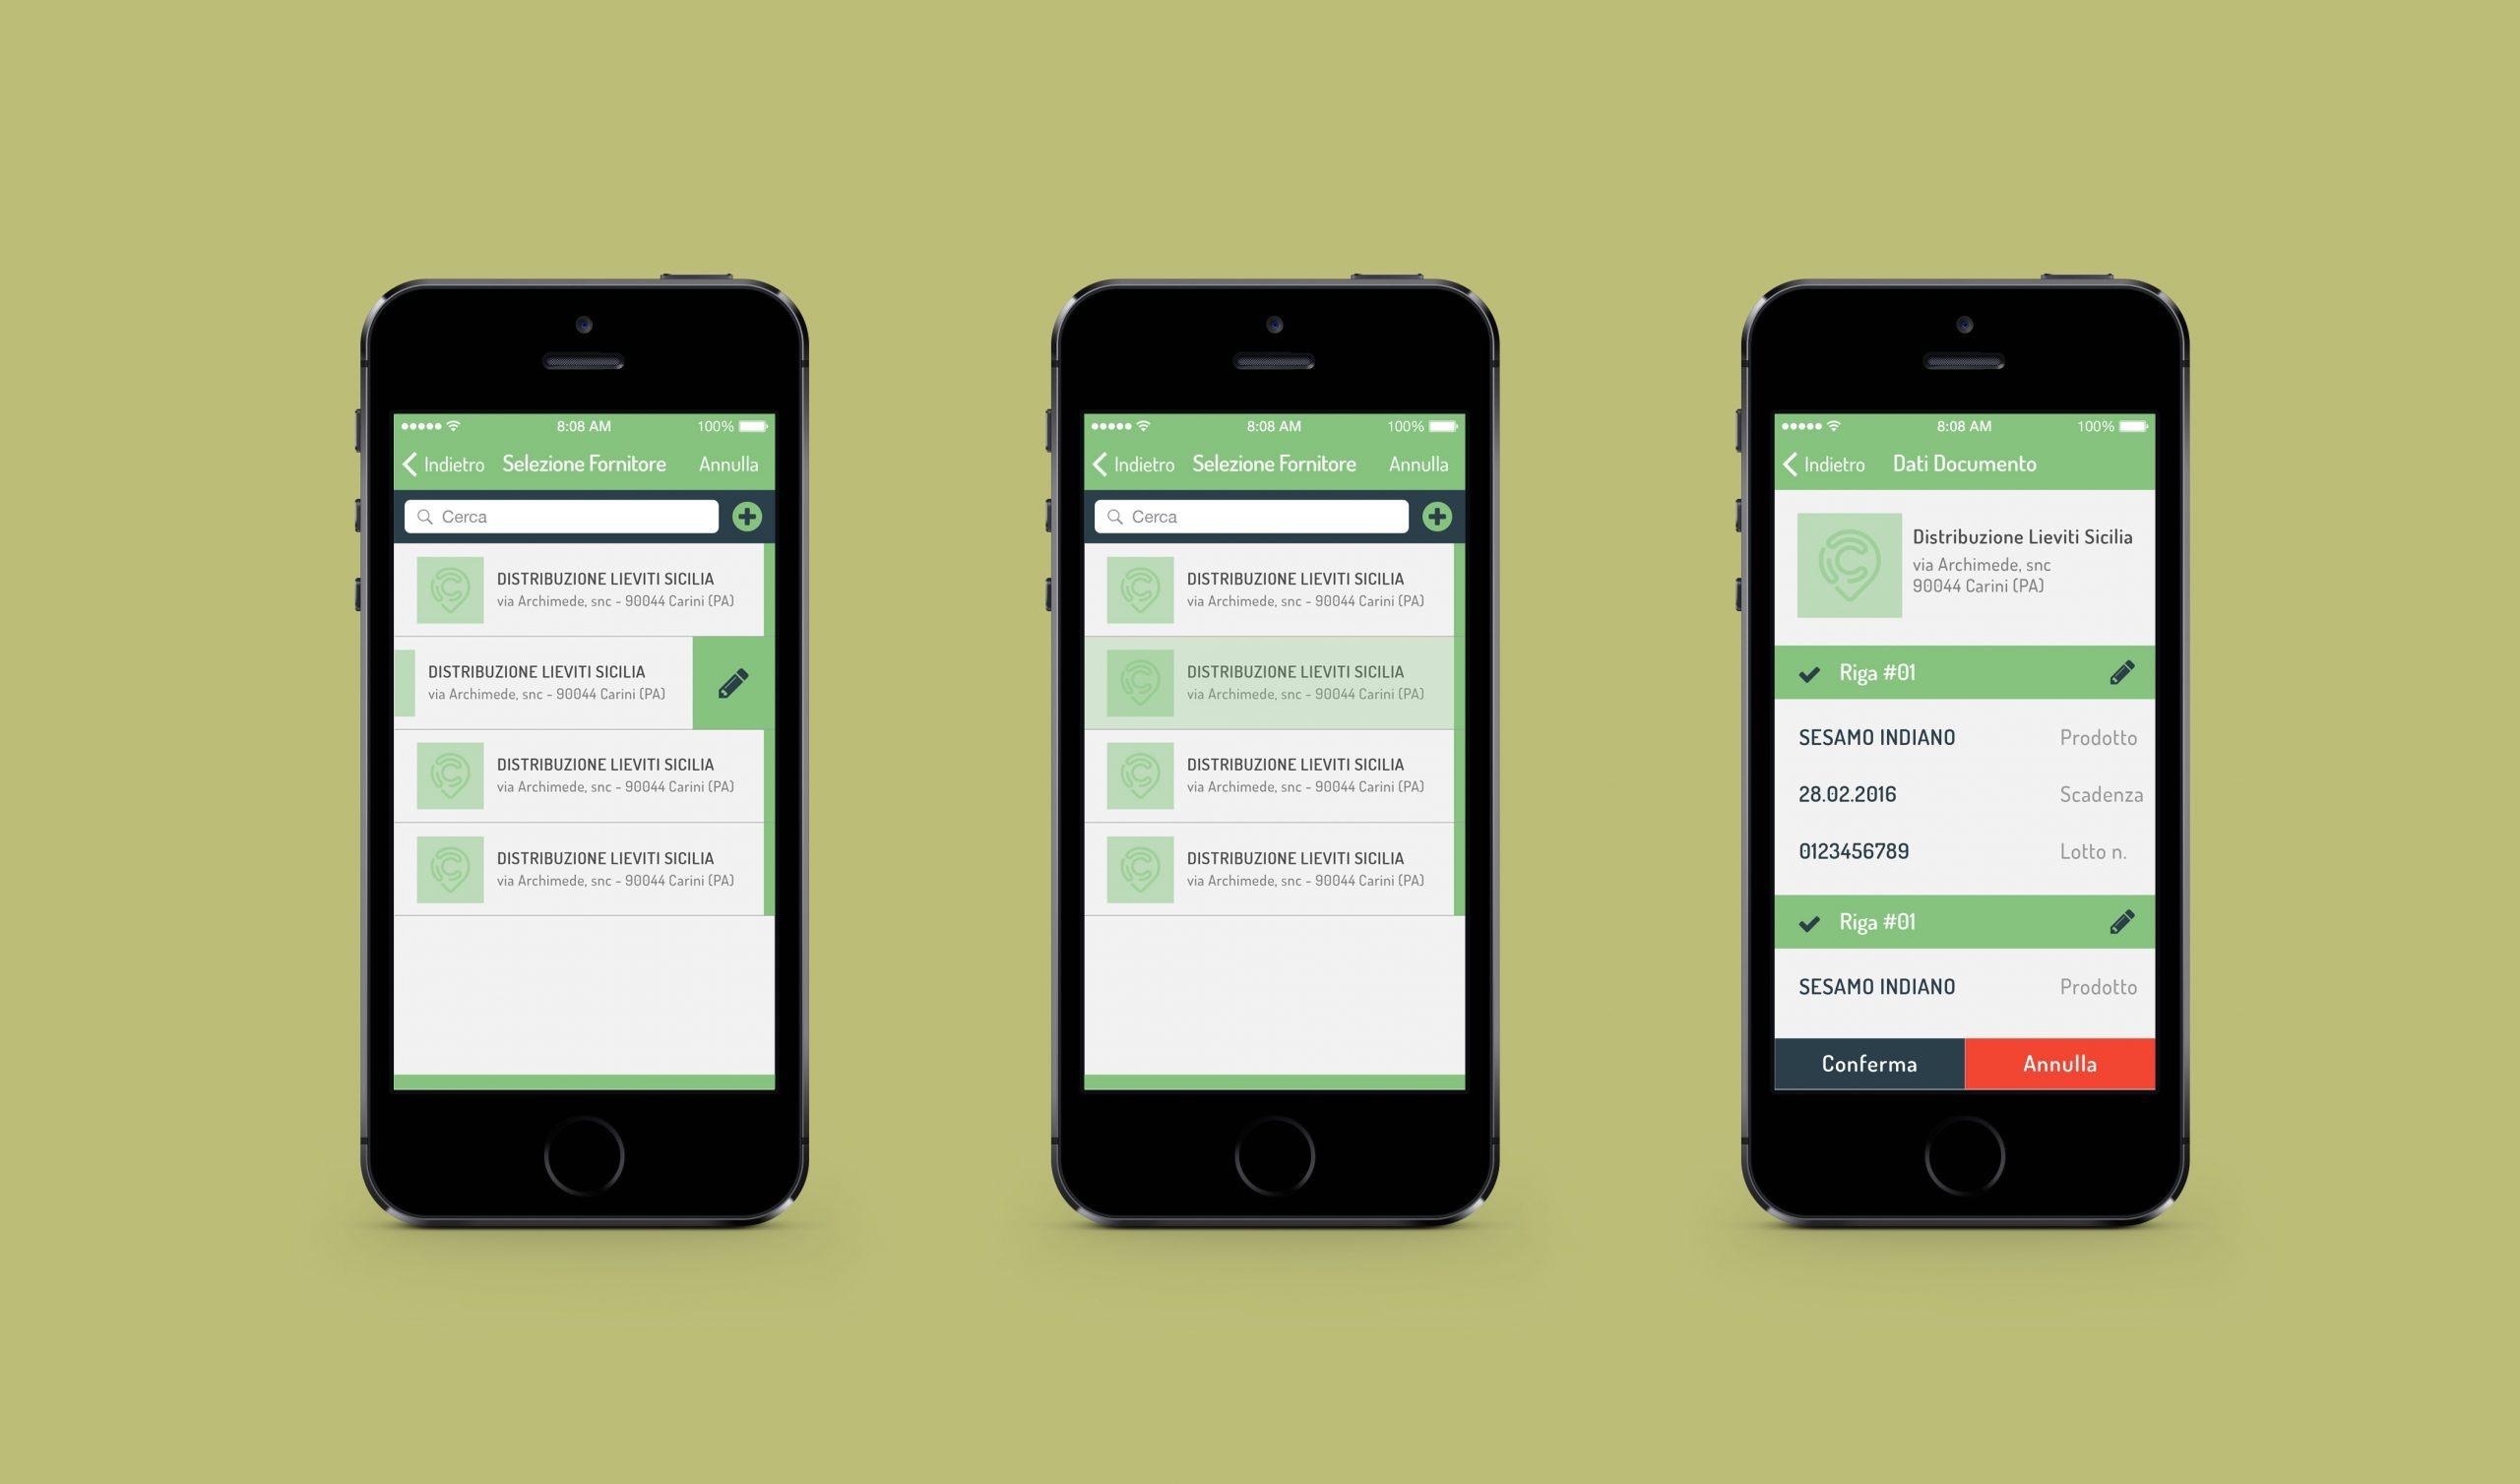 Cimino interfaccia app mobile - iOs Android App